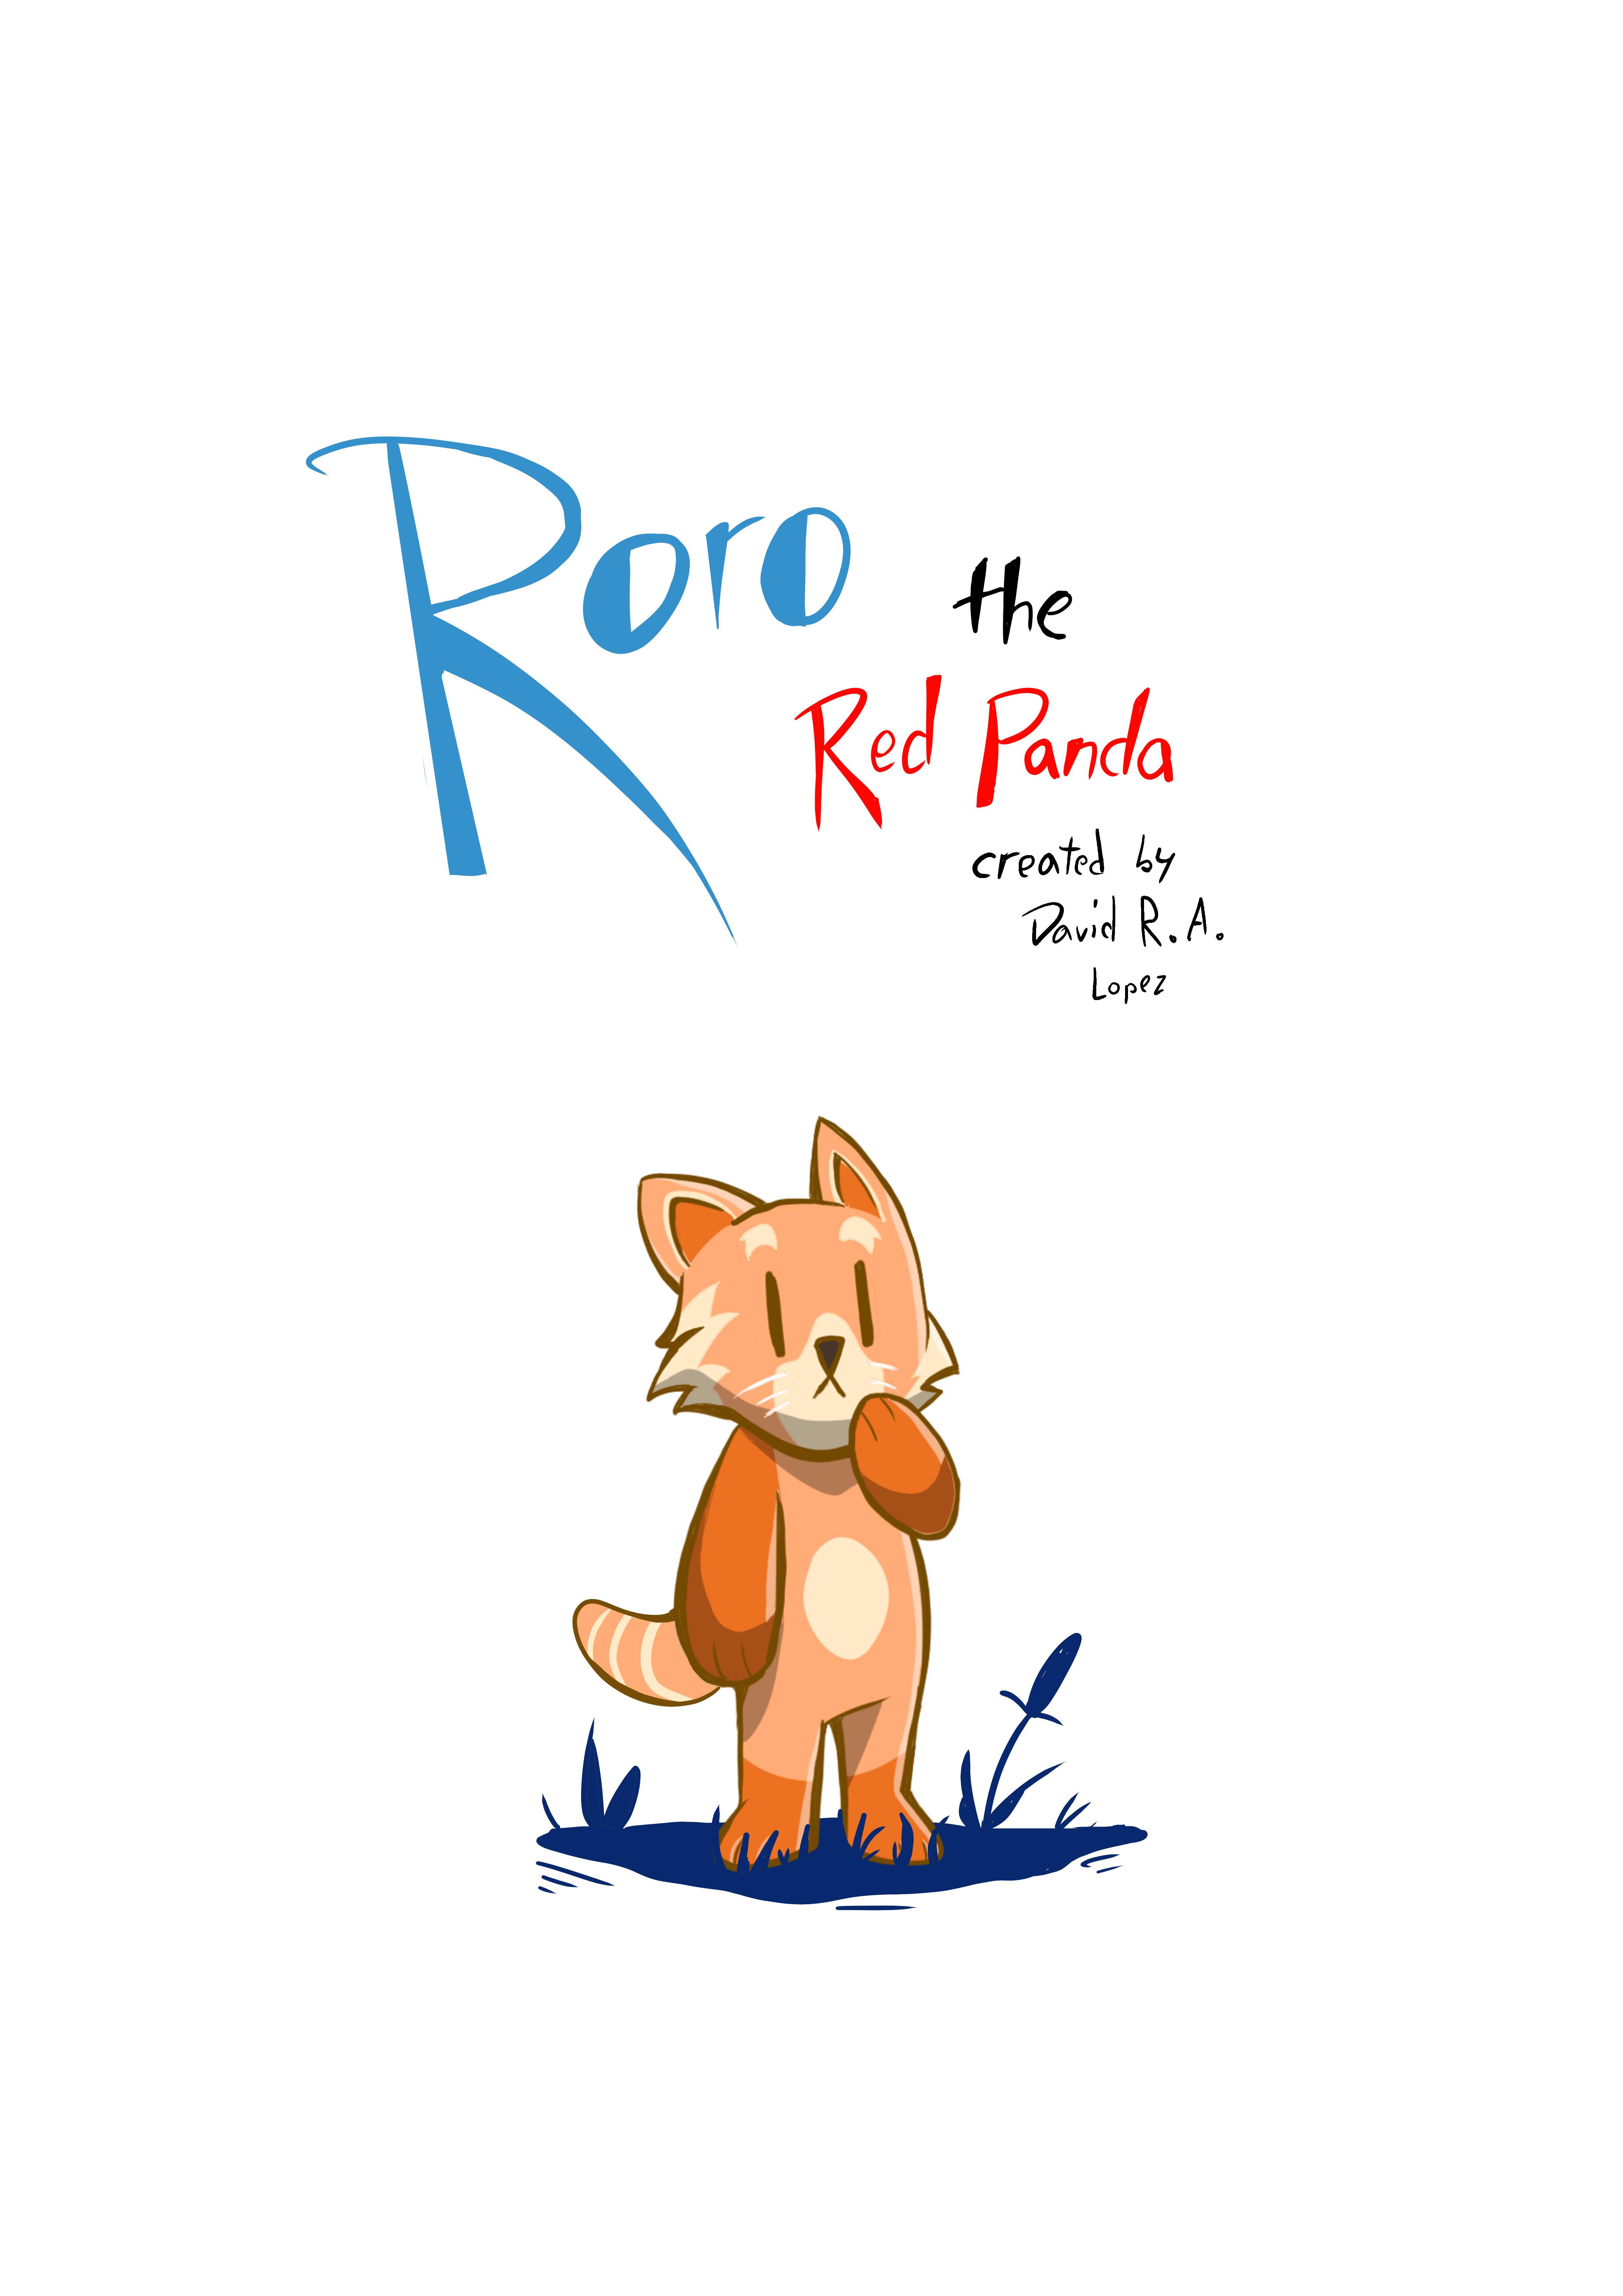 Roro The Red Panda